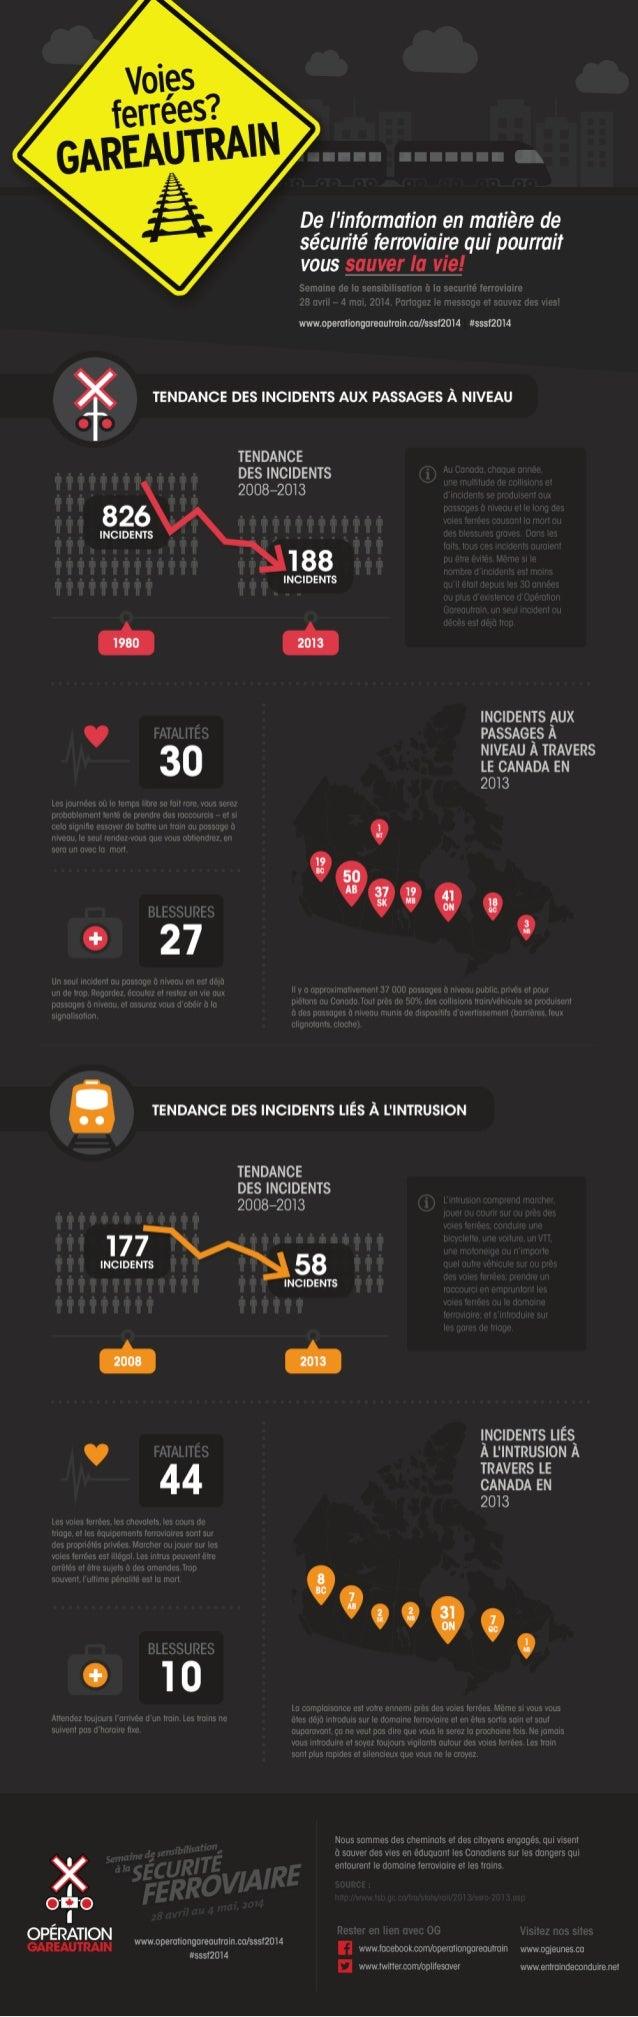 Infographique de sécurité ferroviaire au Canada Opération Gareautrain